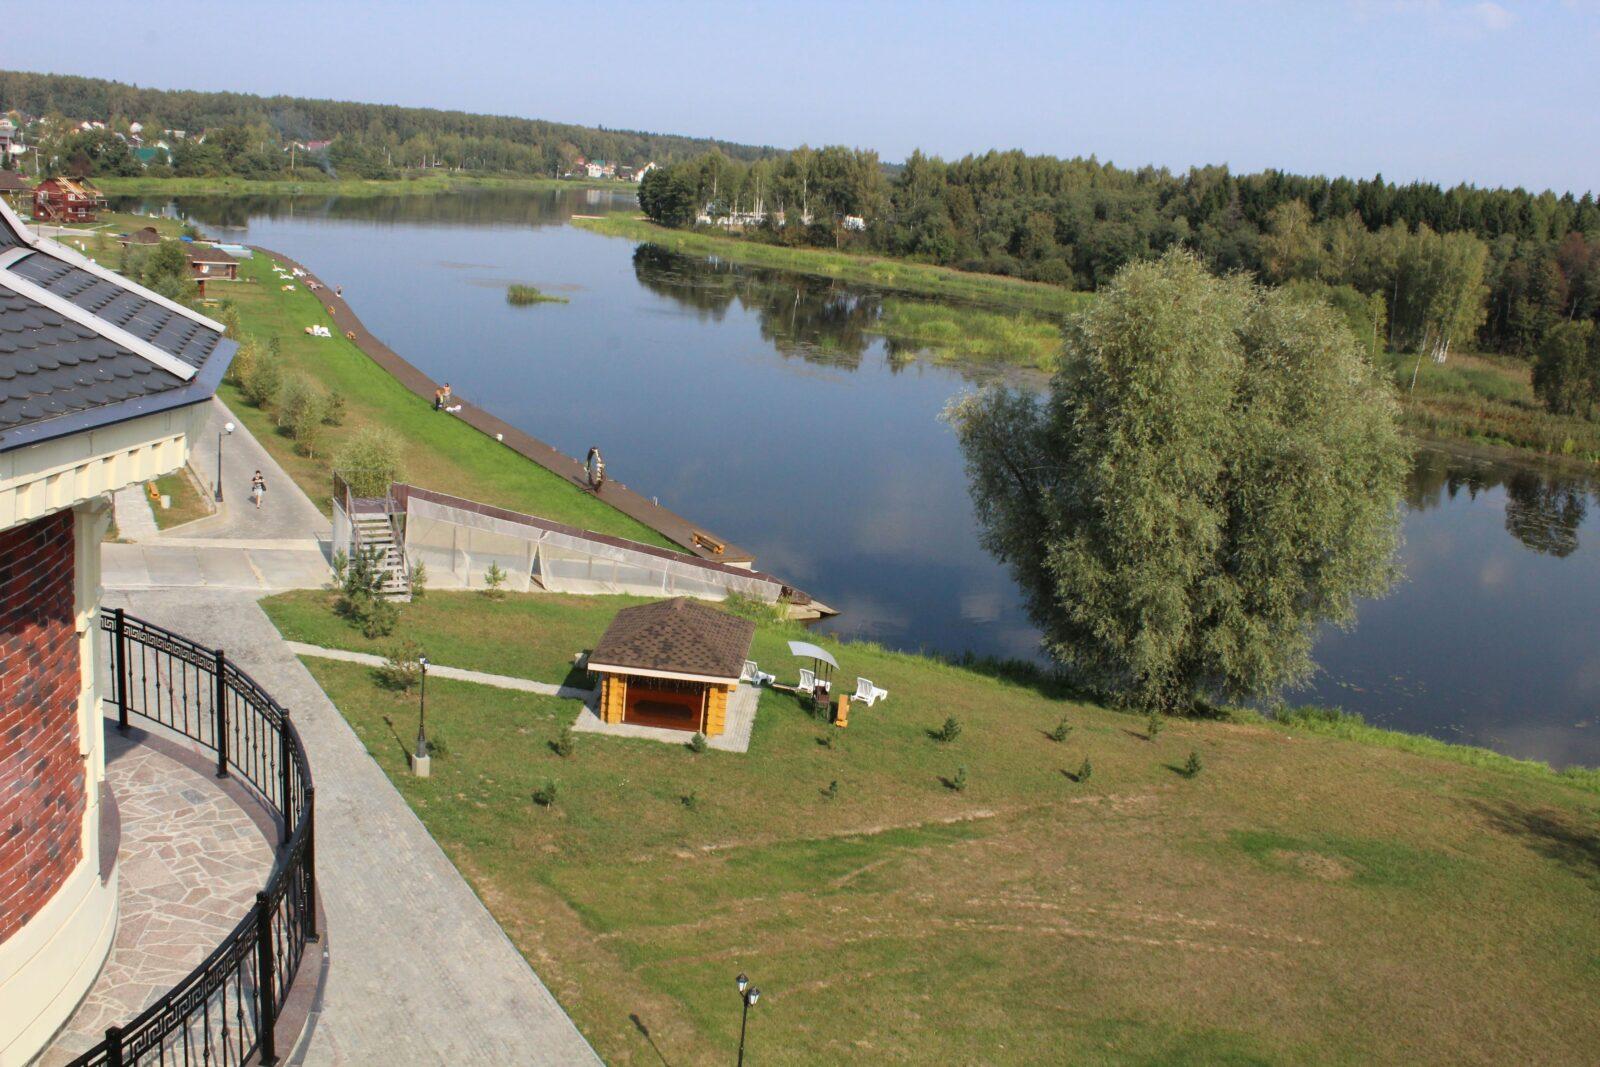 Ольгино предлагает квартиры и участки в экологически чистом районе